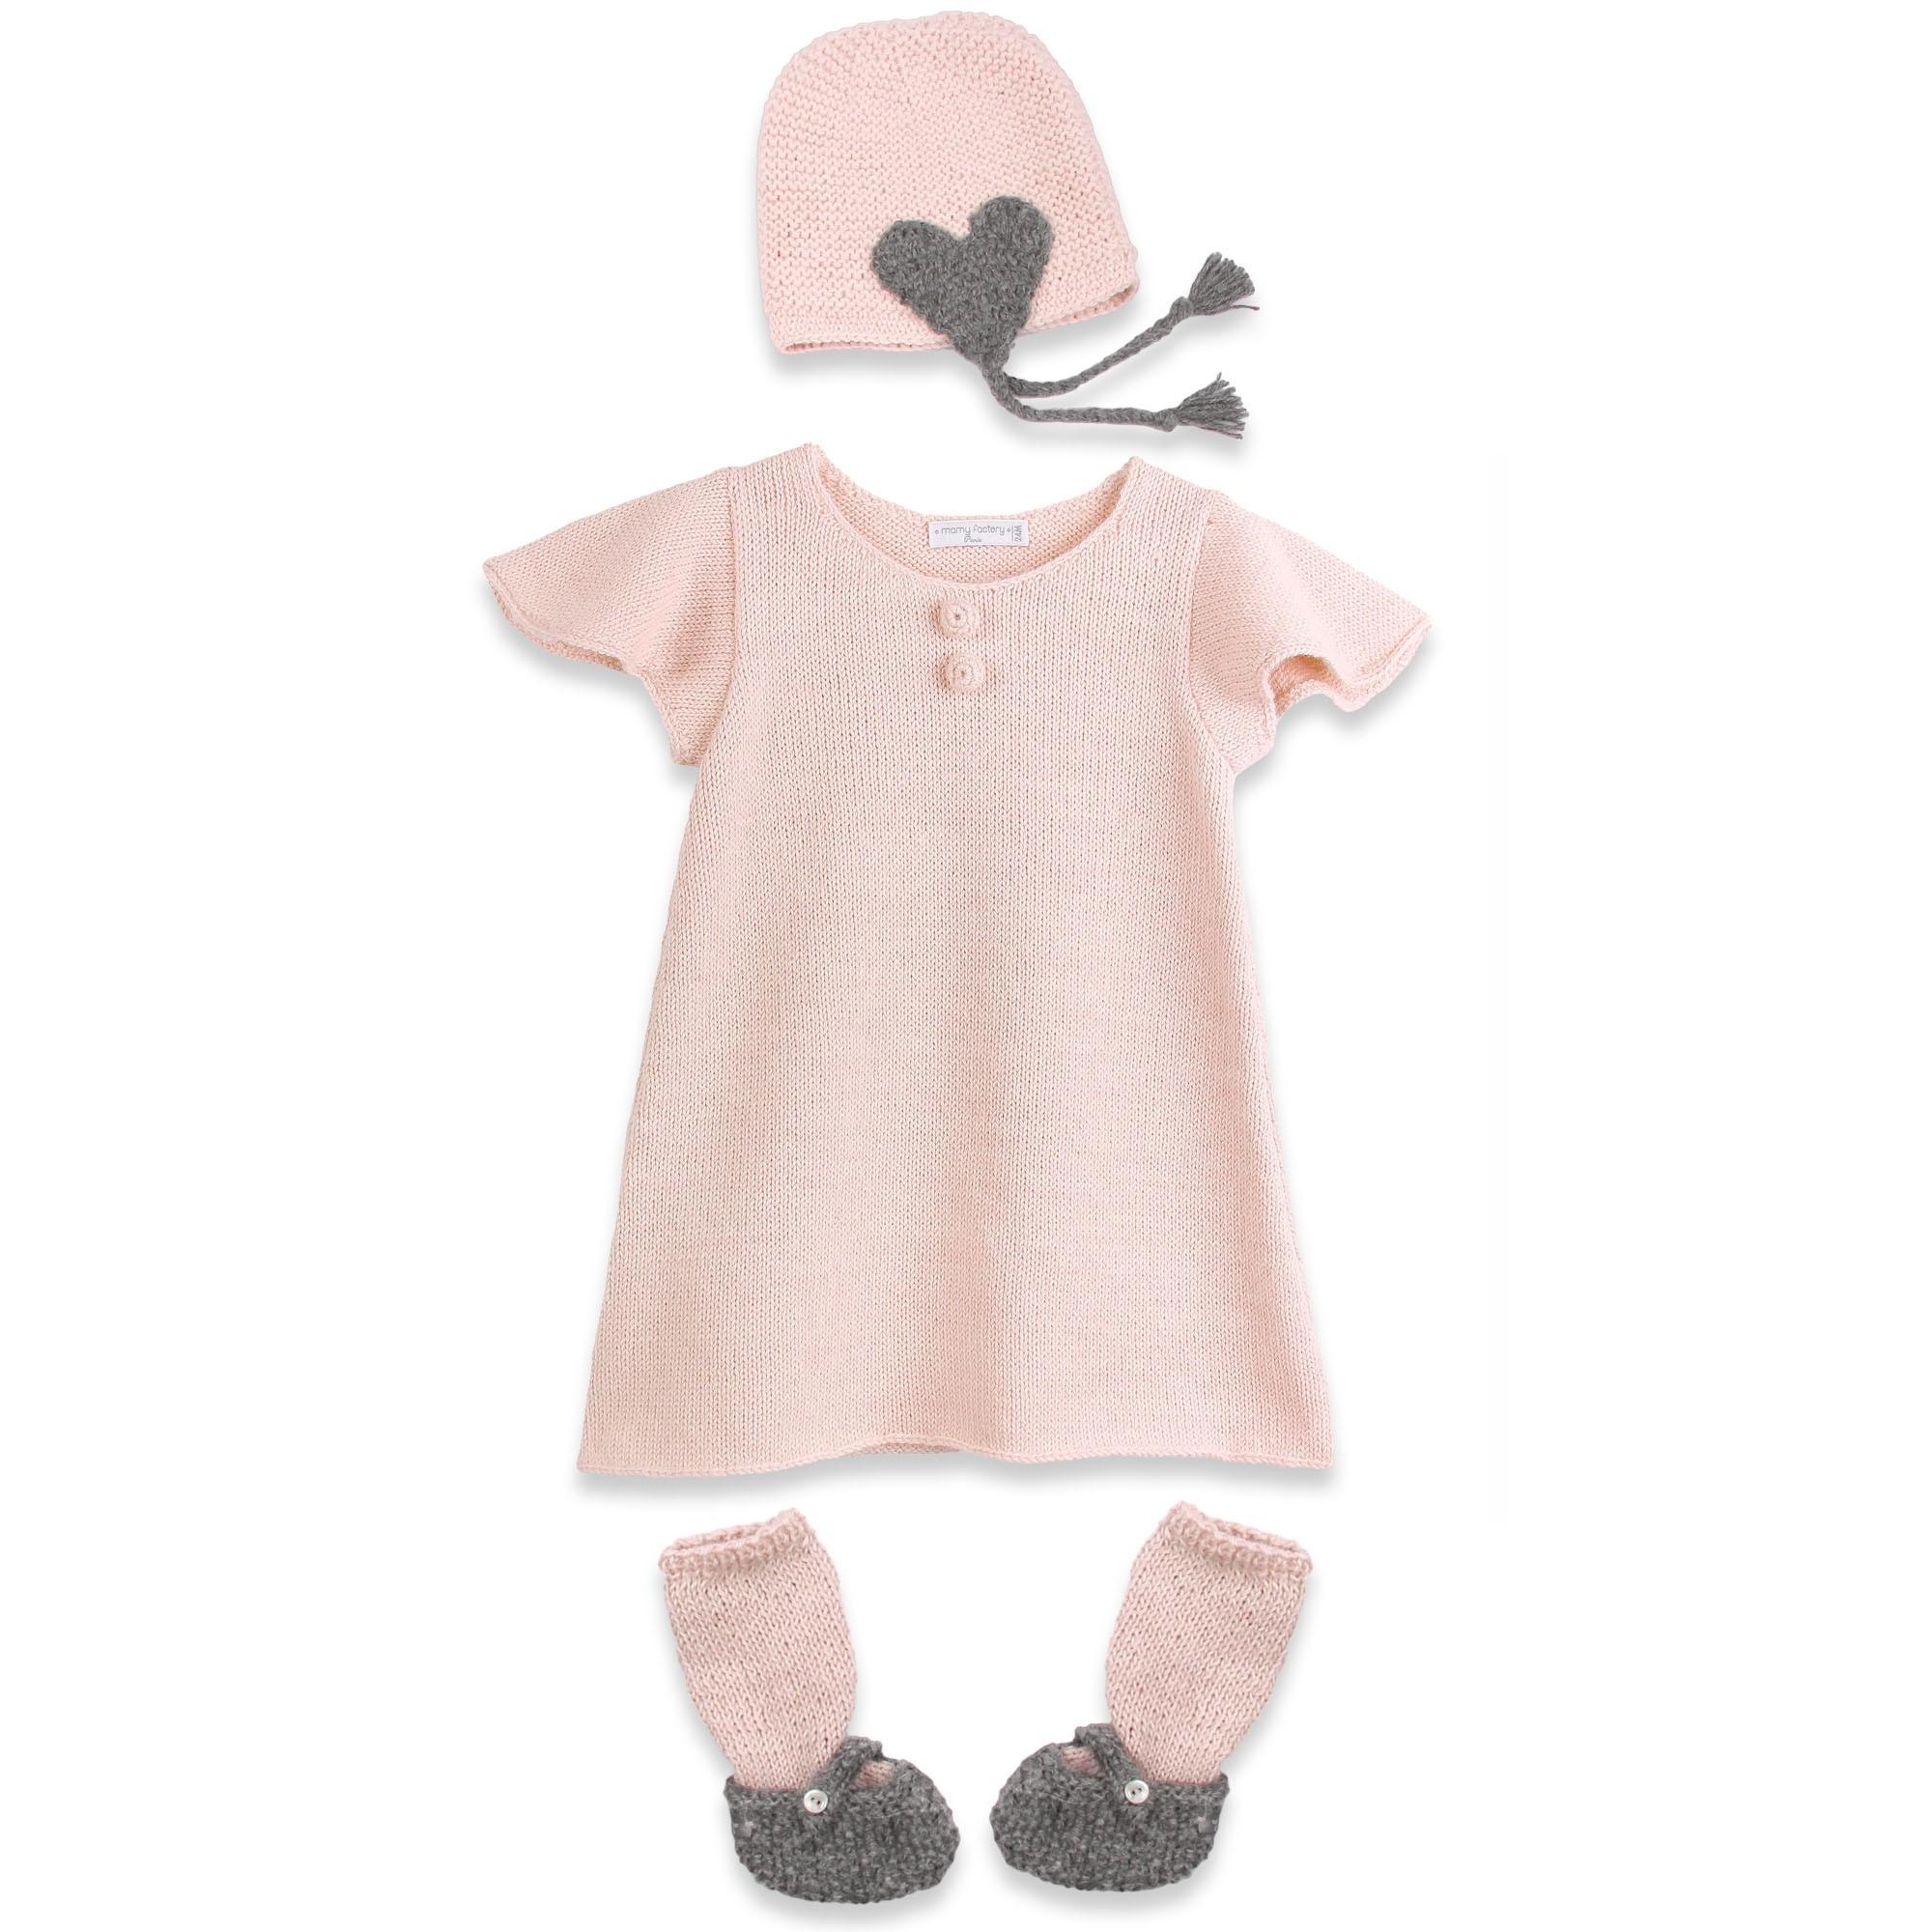 Robe bébé et bonnet bébé alpaga, chaussons bébé type ballerines / babies en 100% alpaga rose